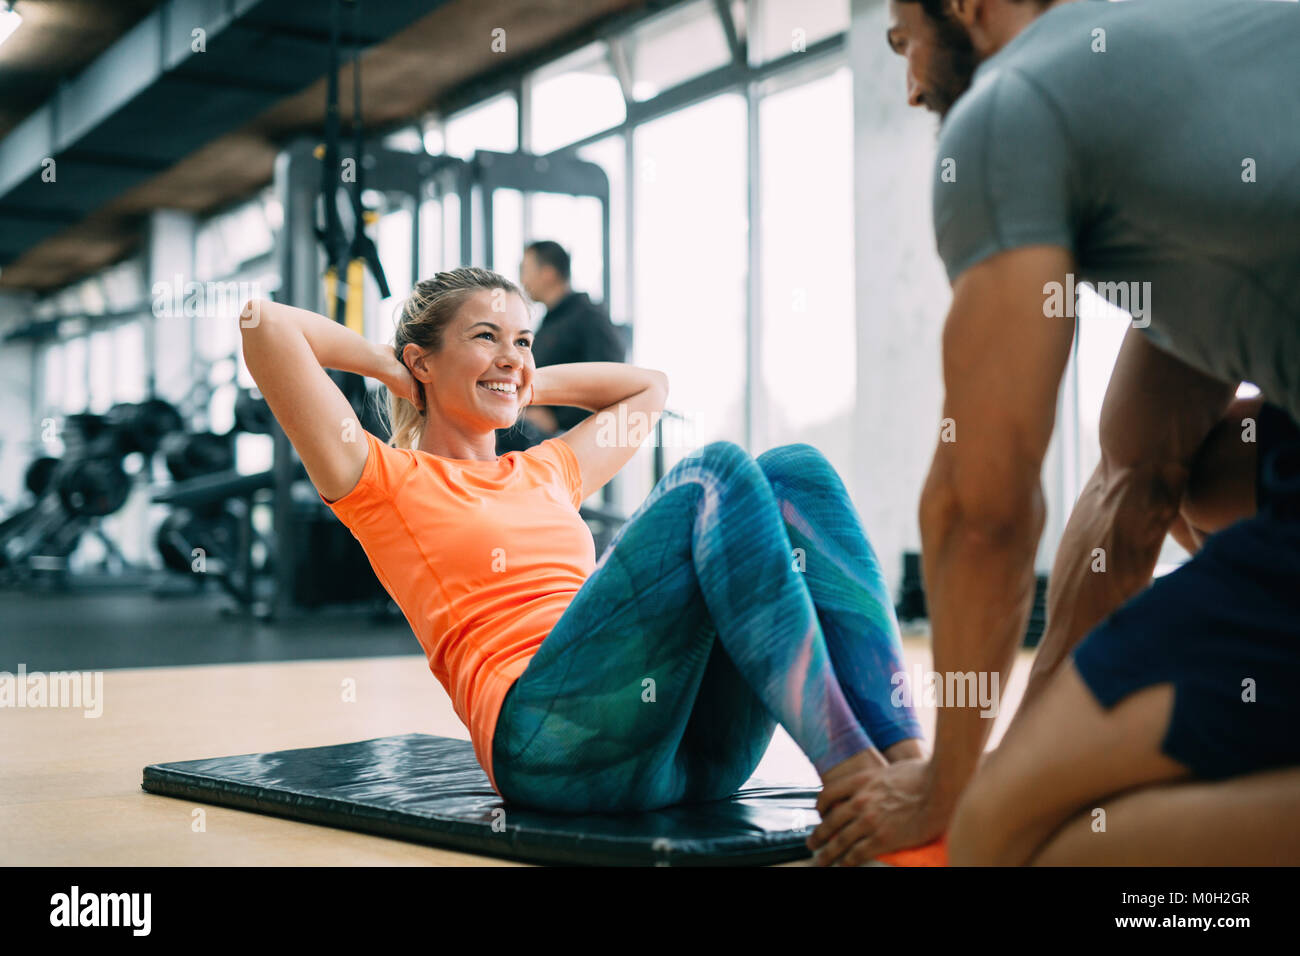 Personal trainer Unterstützung Frau Gewicht verlieren Stockbild